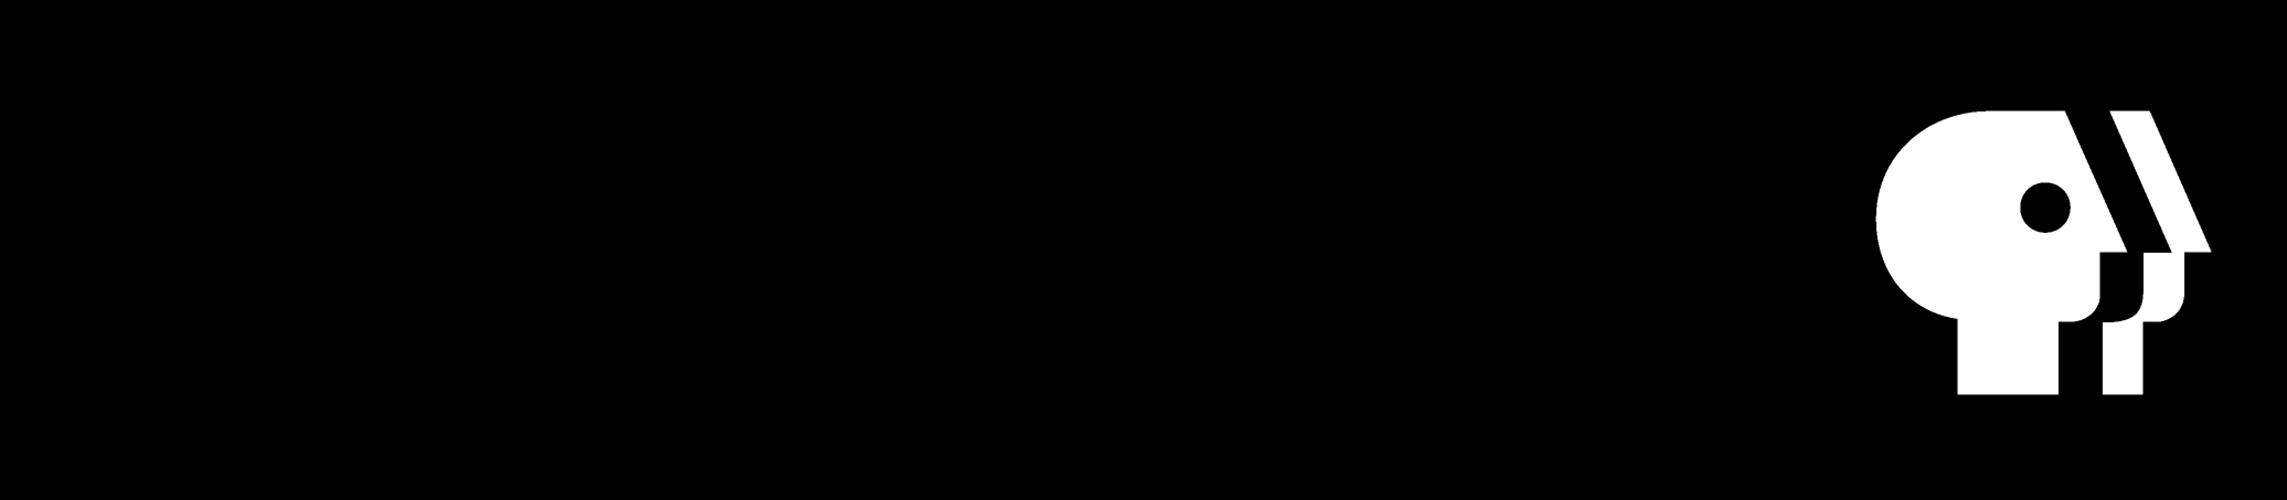 WKNO/Channel 10